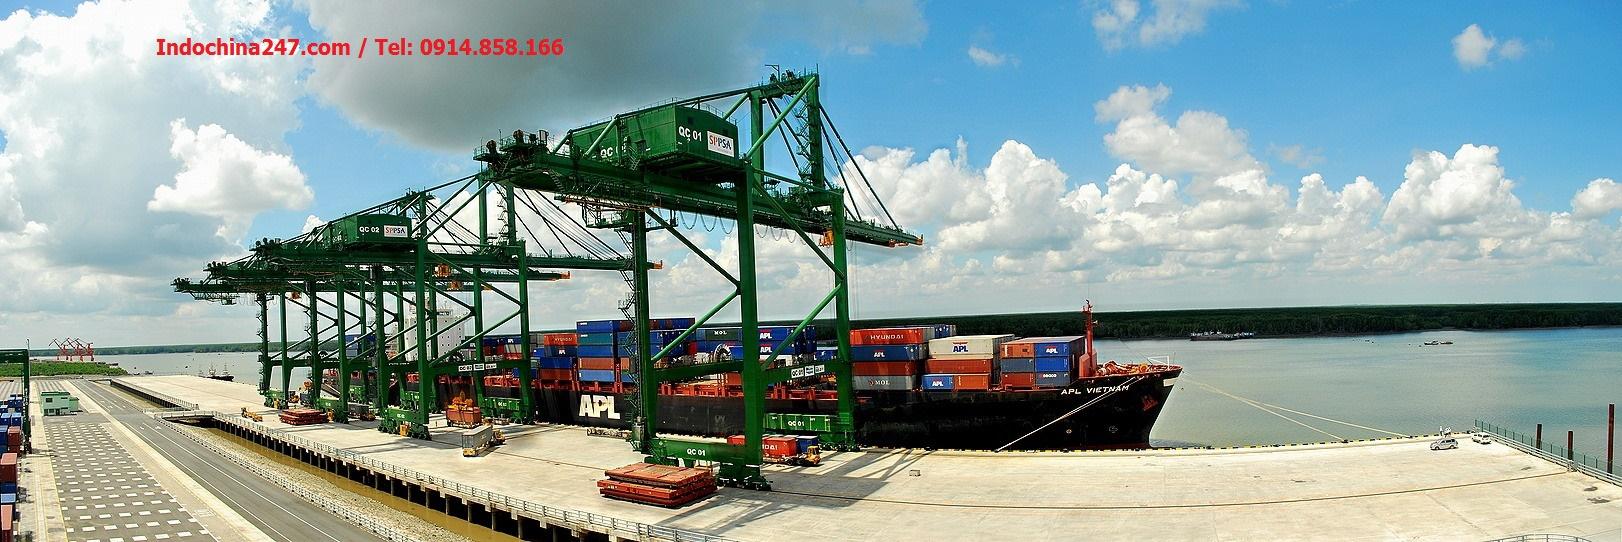 Vận chuyển đường biển ship gửi Giấy và các sản phẩm từ giấy Hải Phòng Tokyo